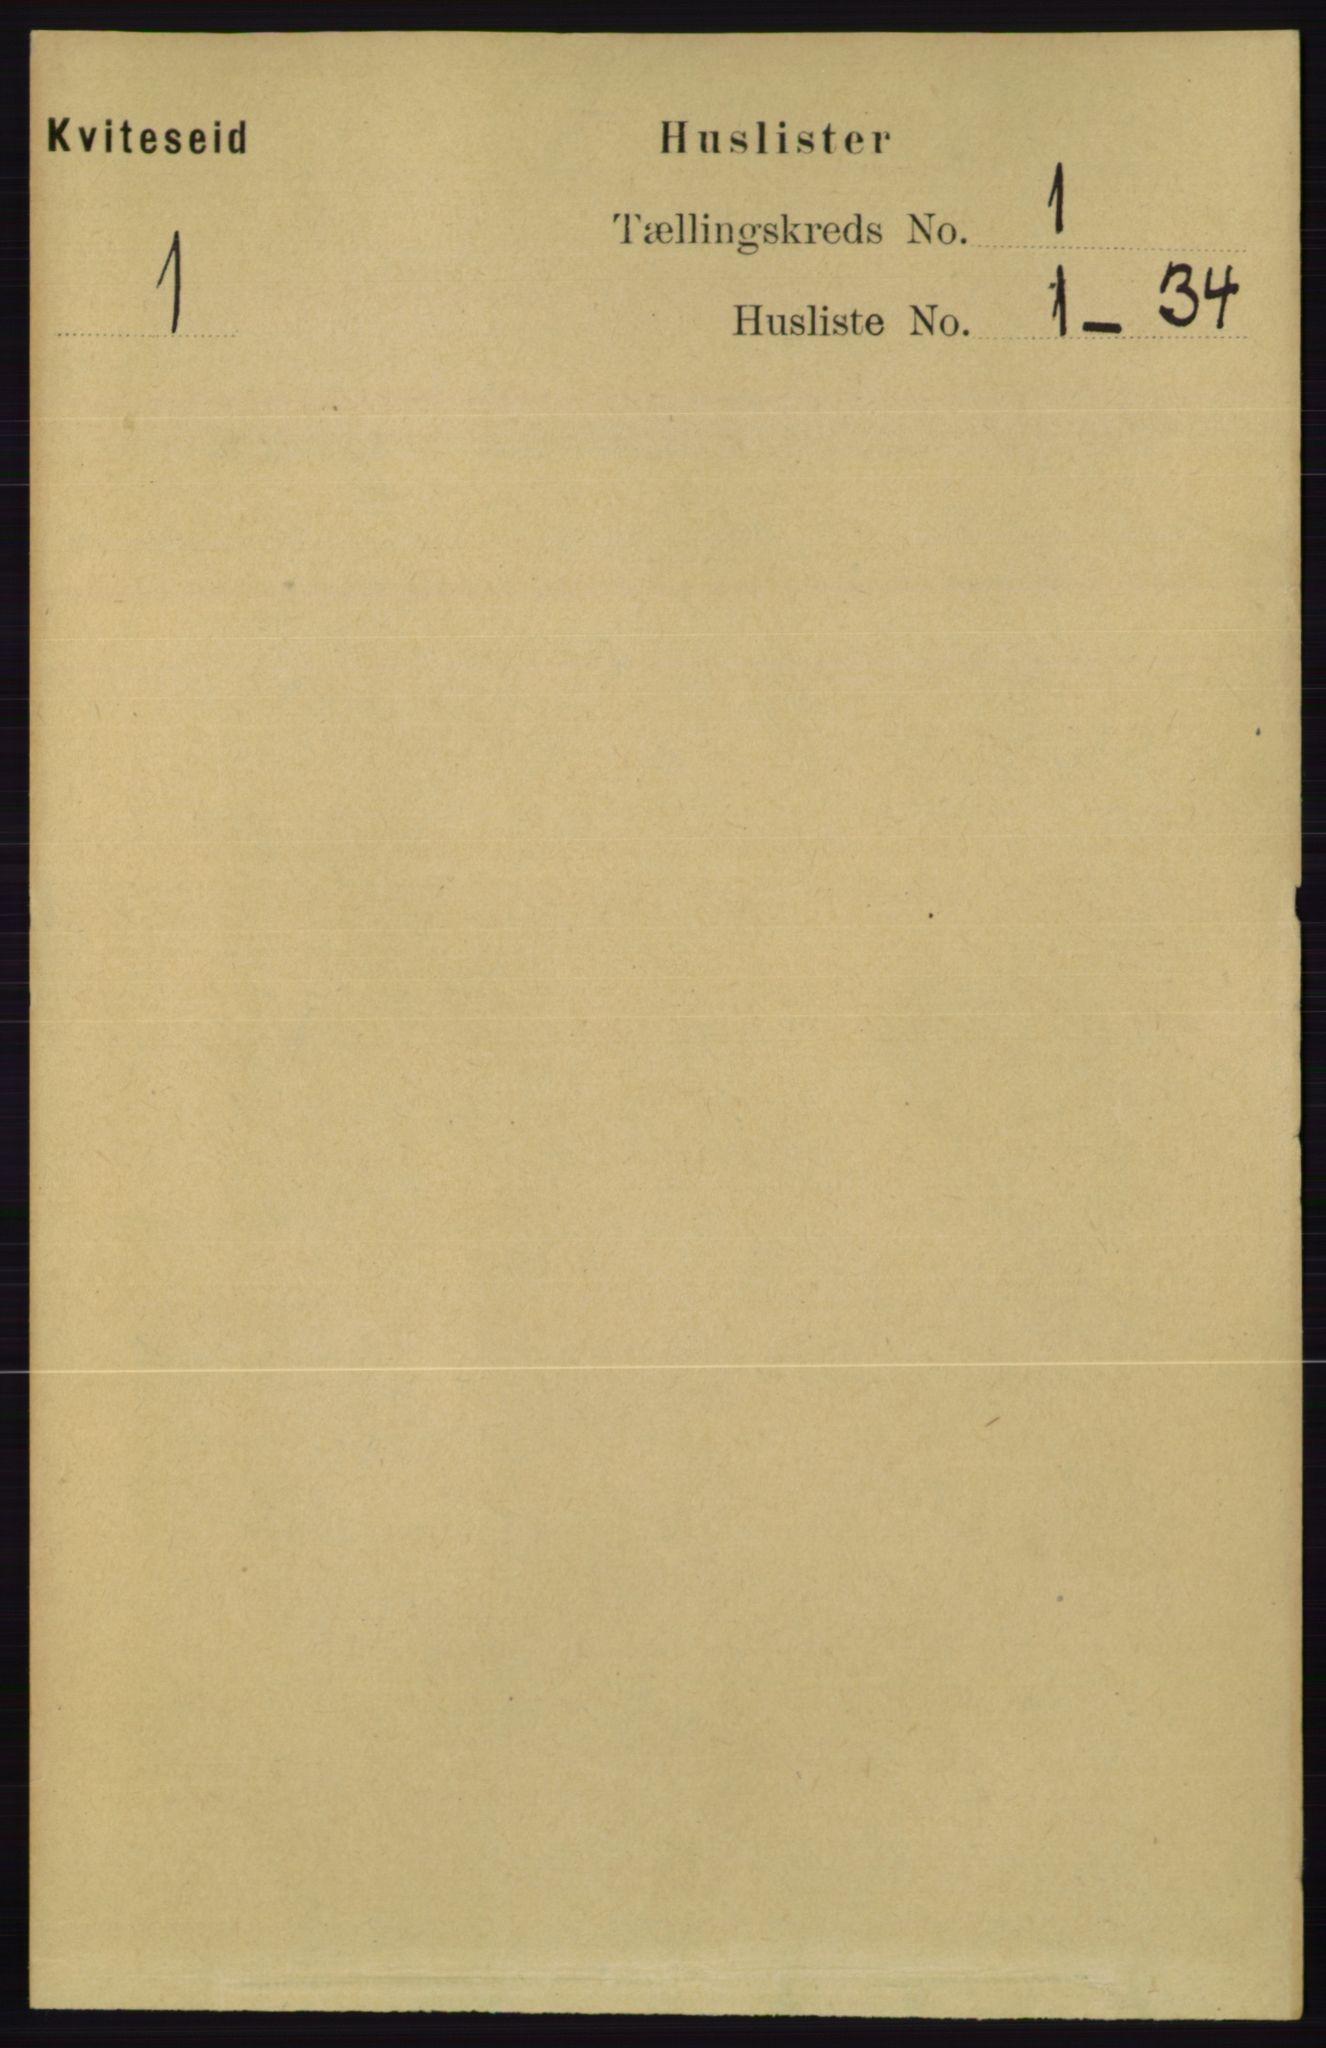 RA, Folketelling 1891 for 0829 Kviteseid herred, 1891, s. 40